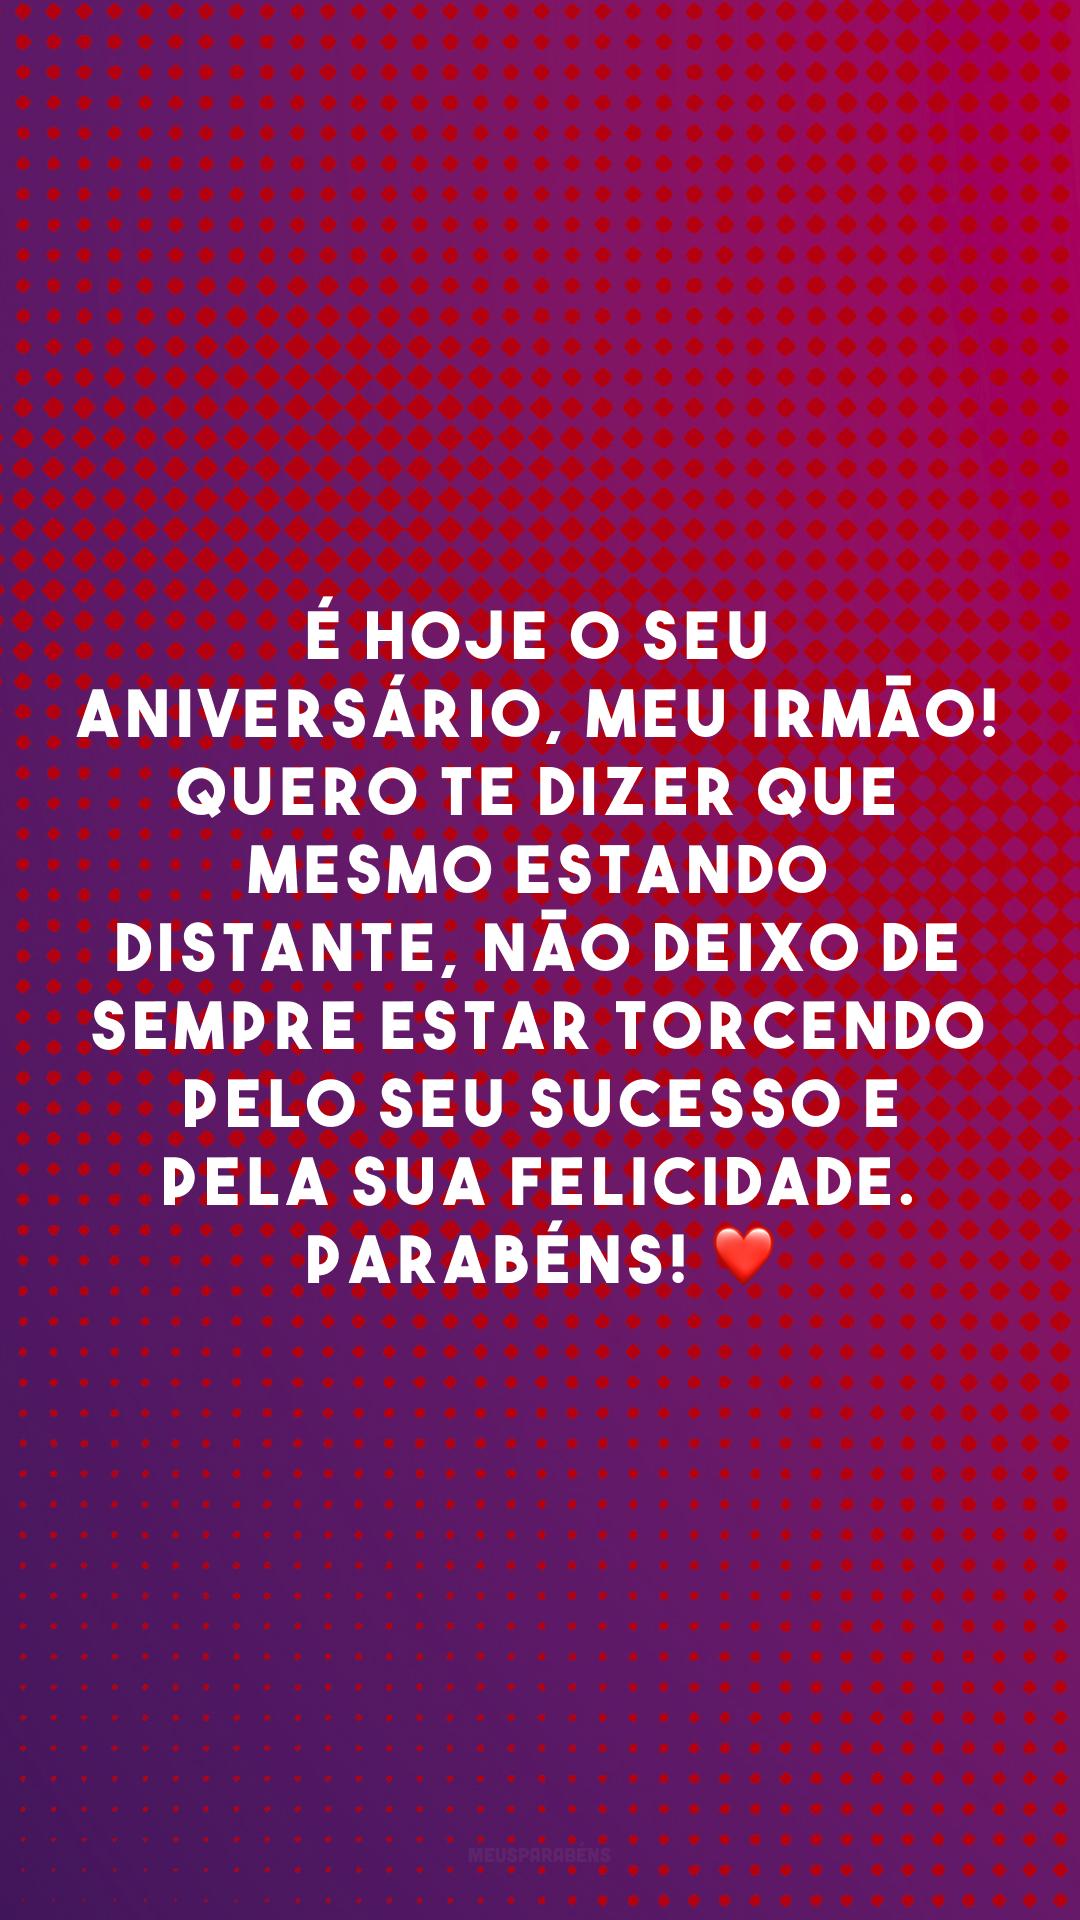 É hoje o seu aniversário, meu irmão! Quero te dizer que mesmo estando distante, não deixo de sempre estar torcendo pelo seu sucesso e pela sua felicidade. Parabéns! ❤